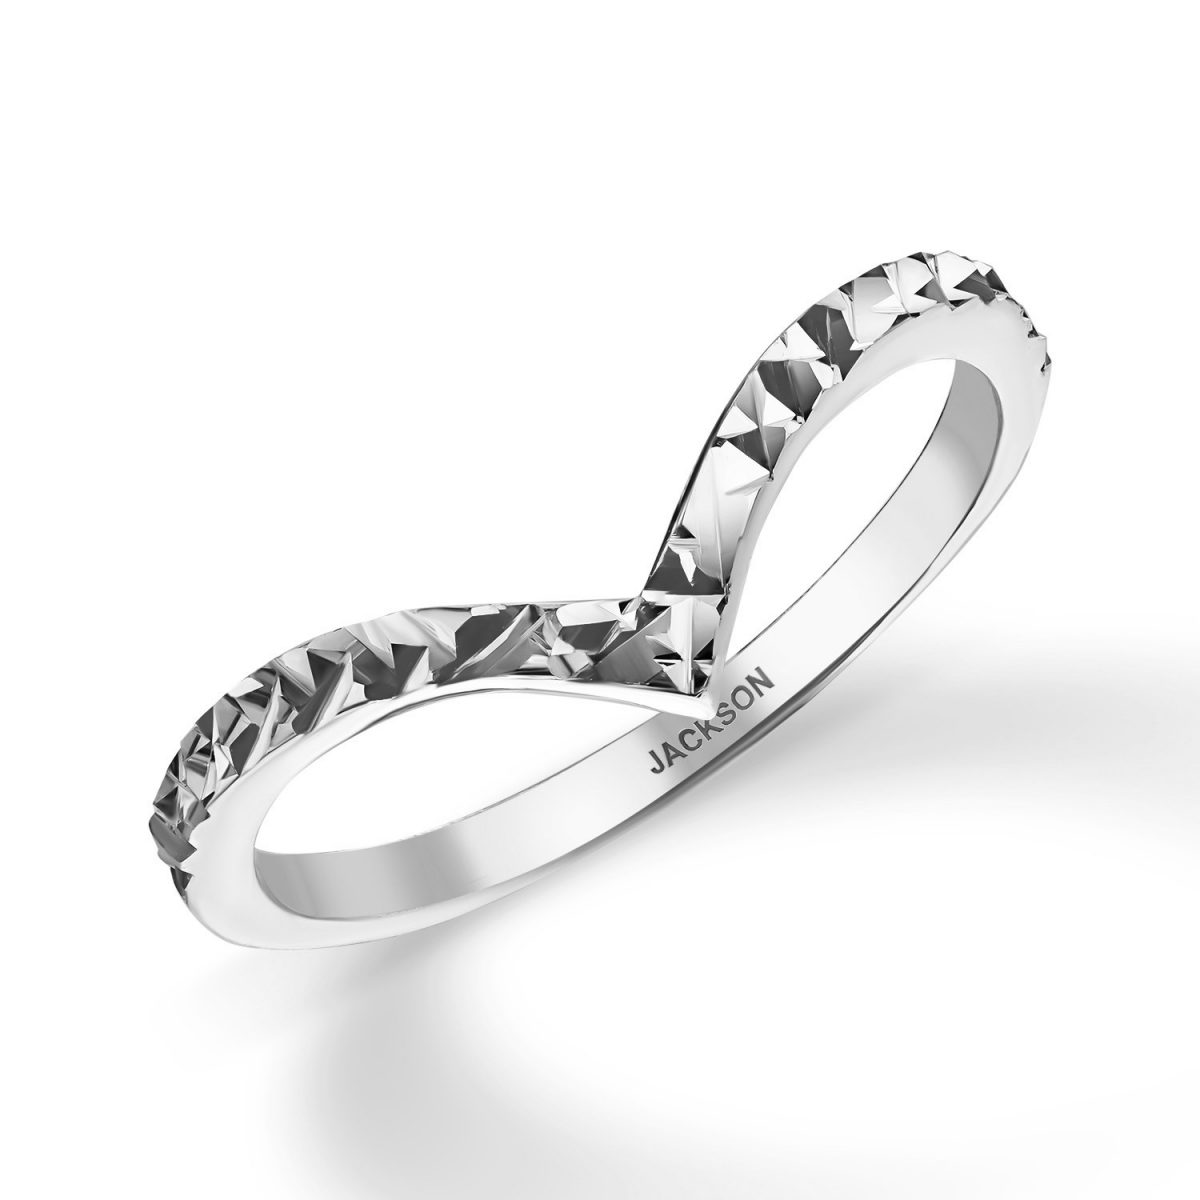 טבעת זהב - ויקי - זהב לבן